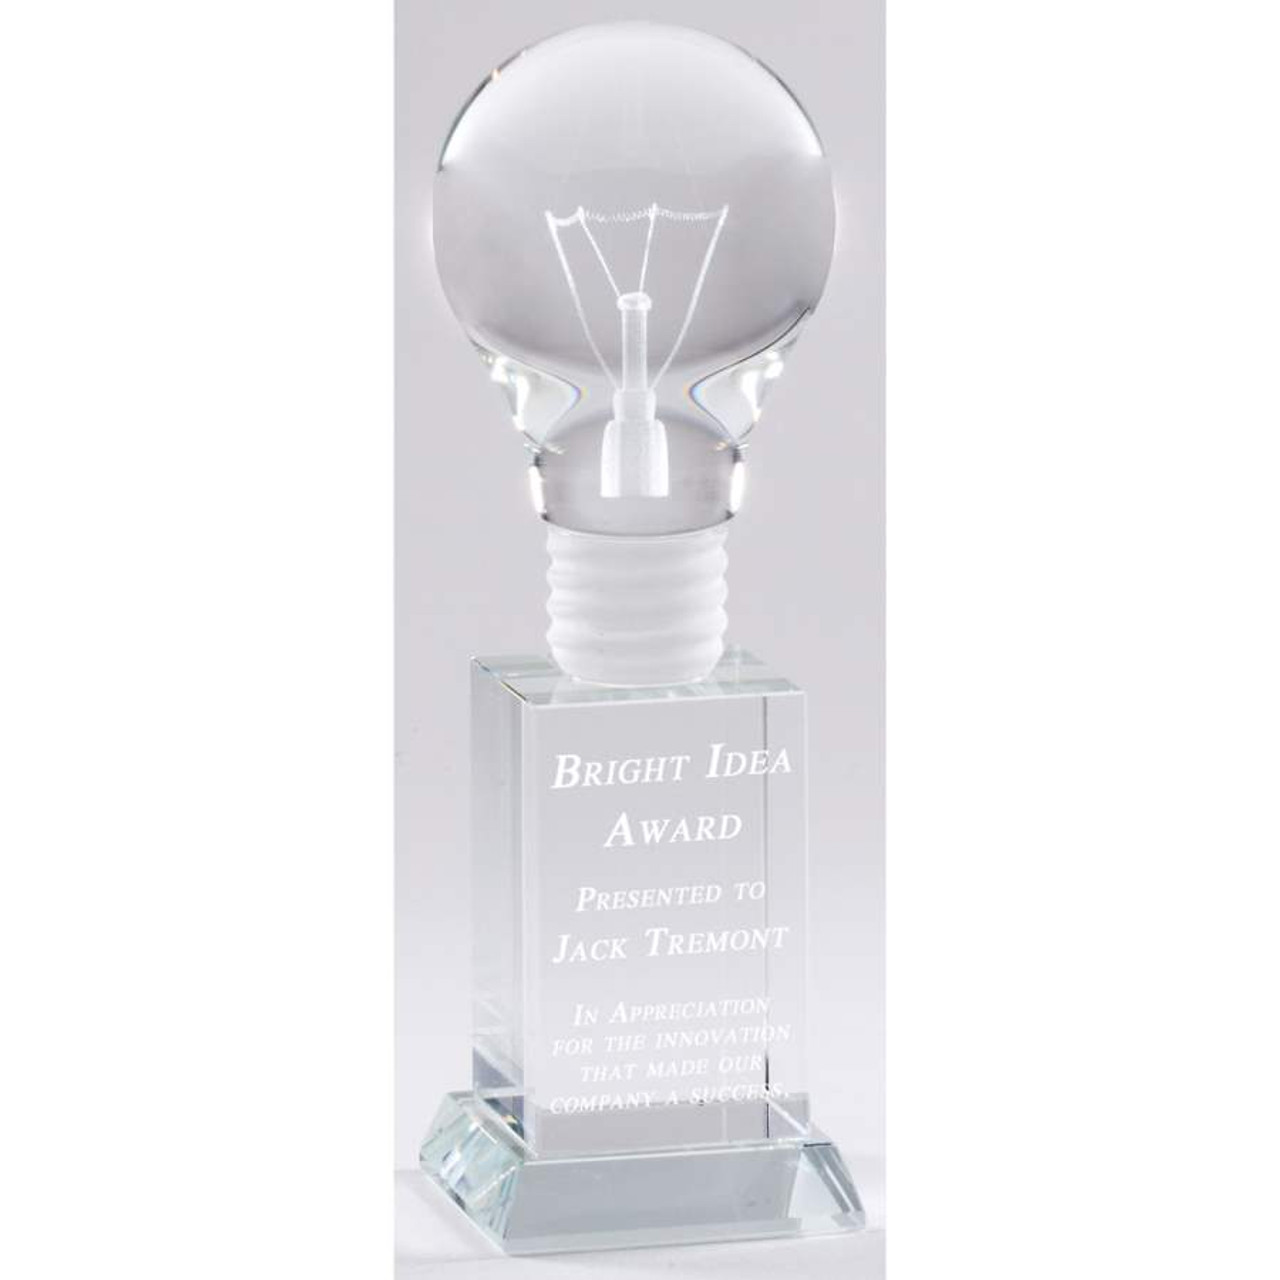 Crystal Light Bulb Award